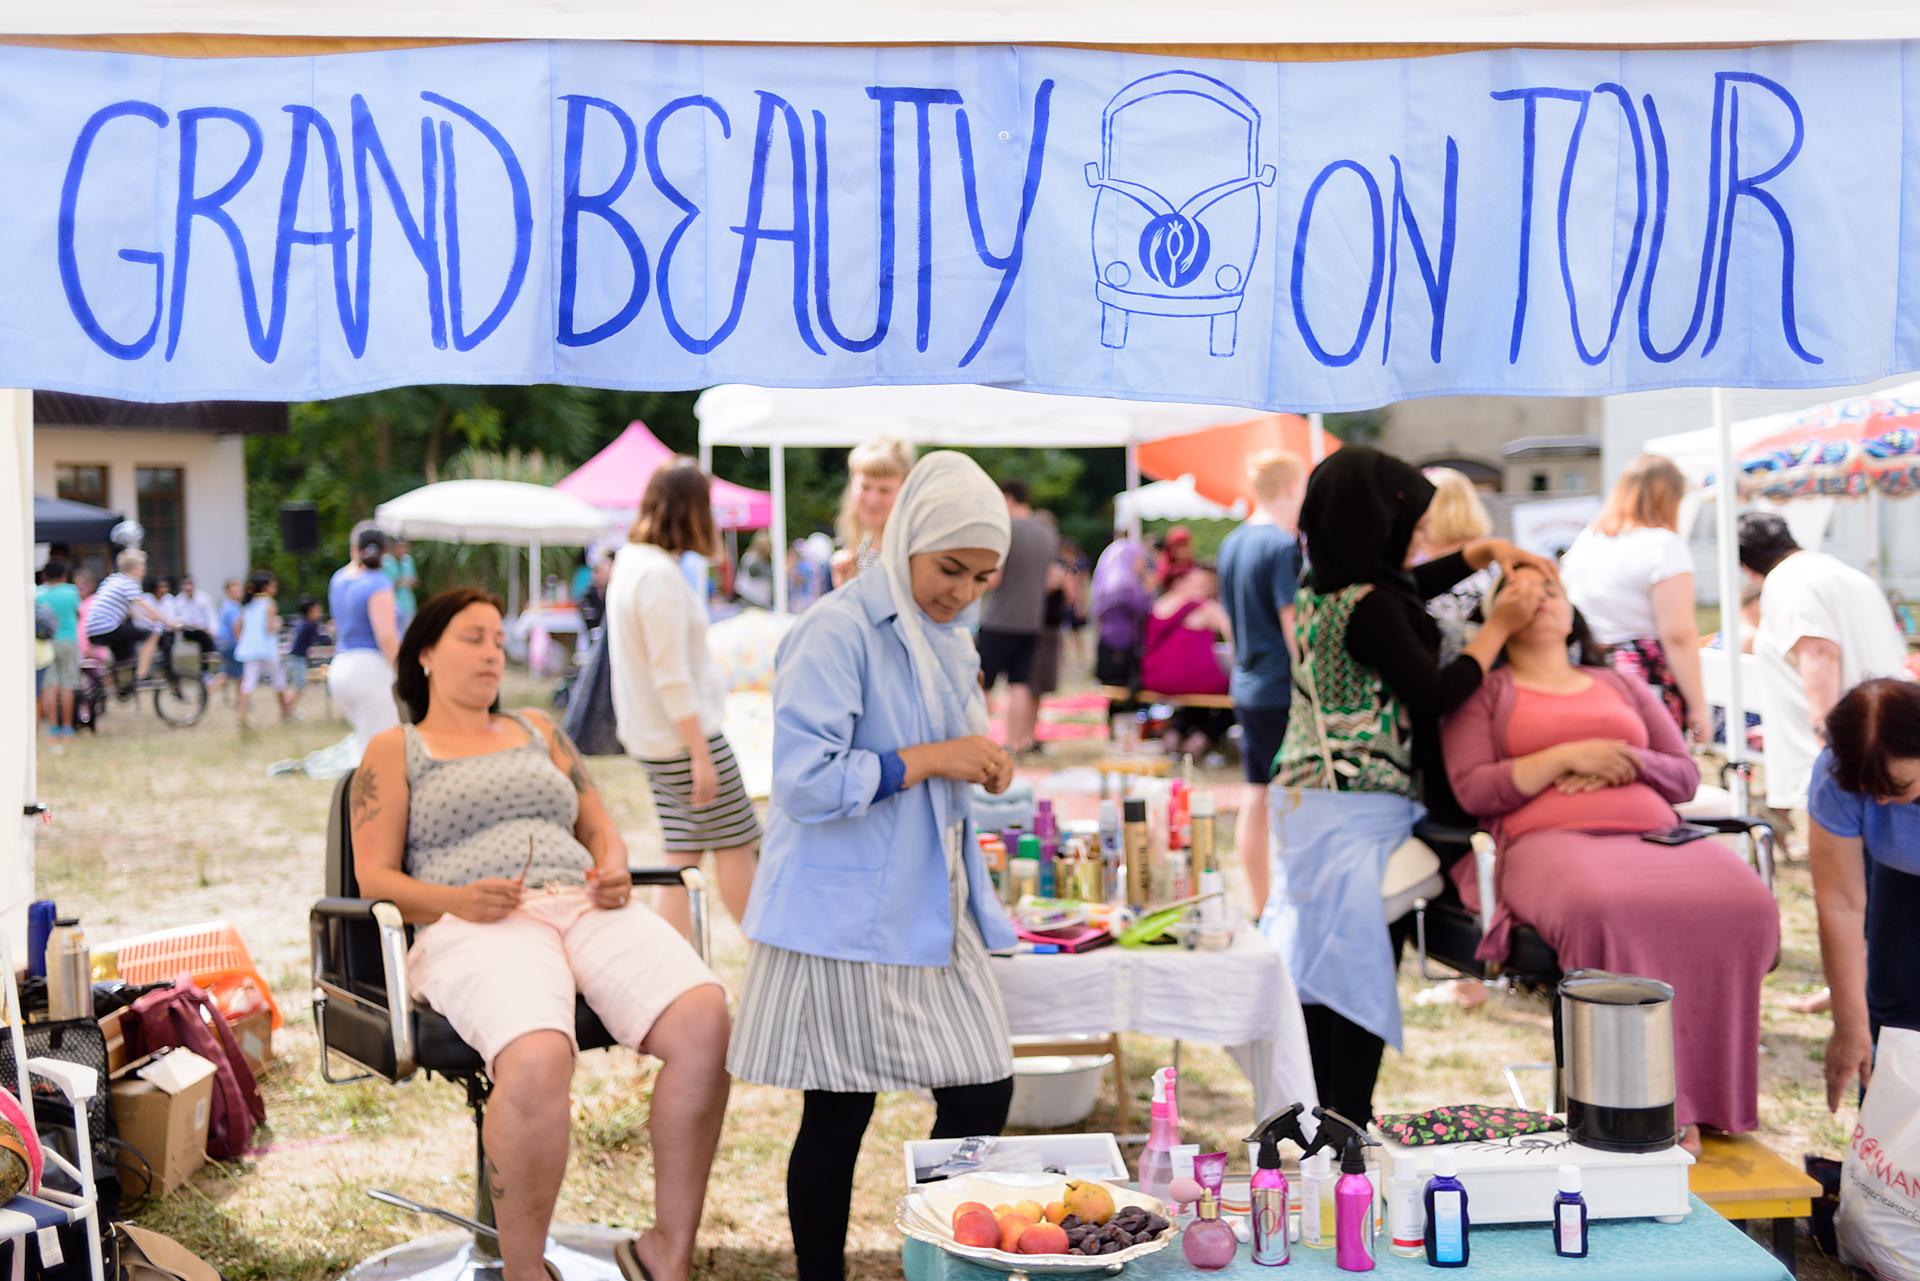 02-grand beauty salon on tour borna  © arneschmitt-9634.jpg